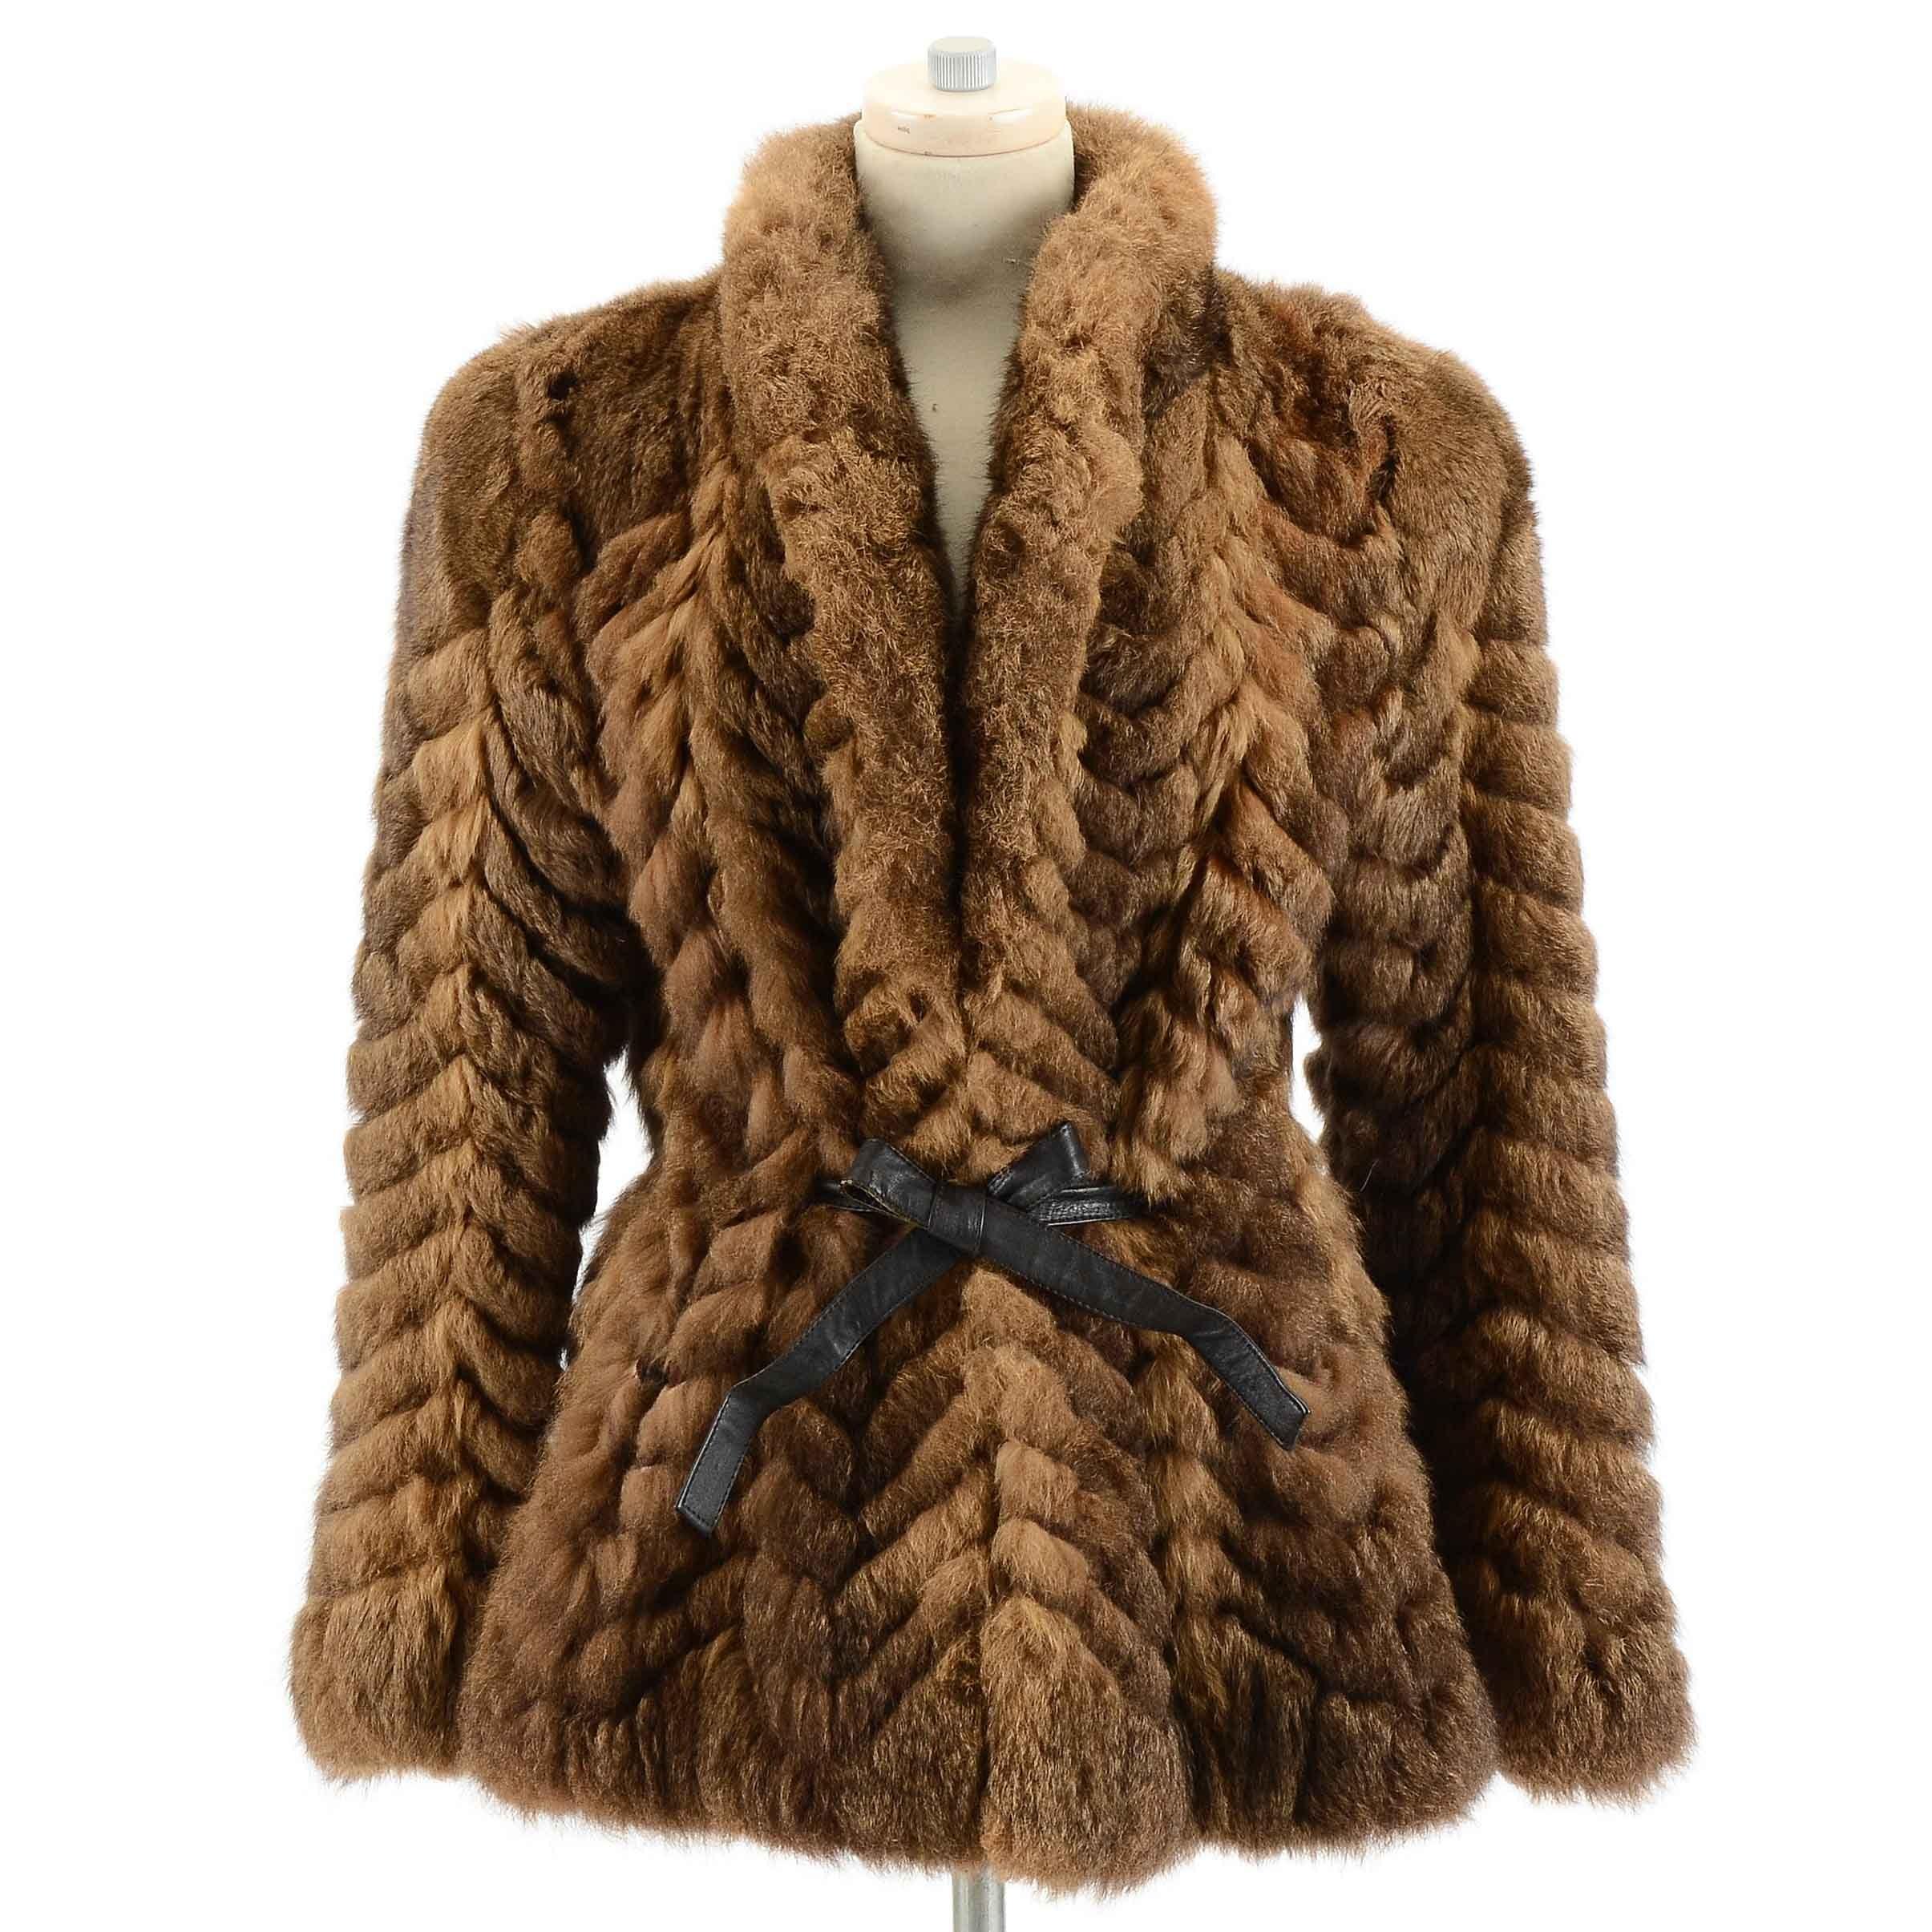 Women's Vintage Sheared Fur Coat